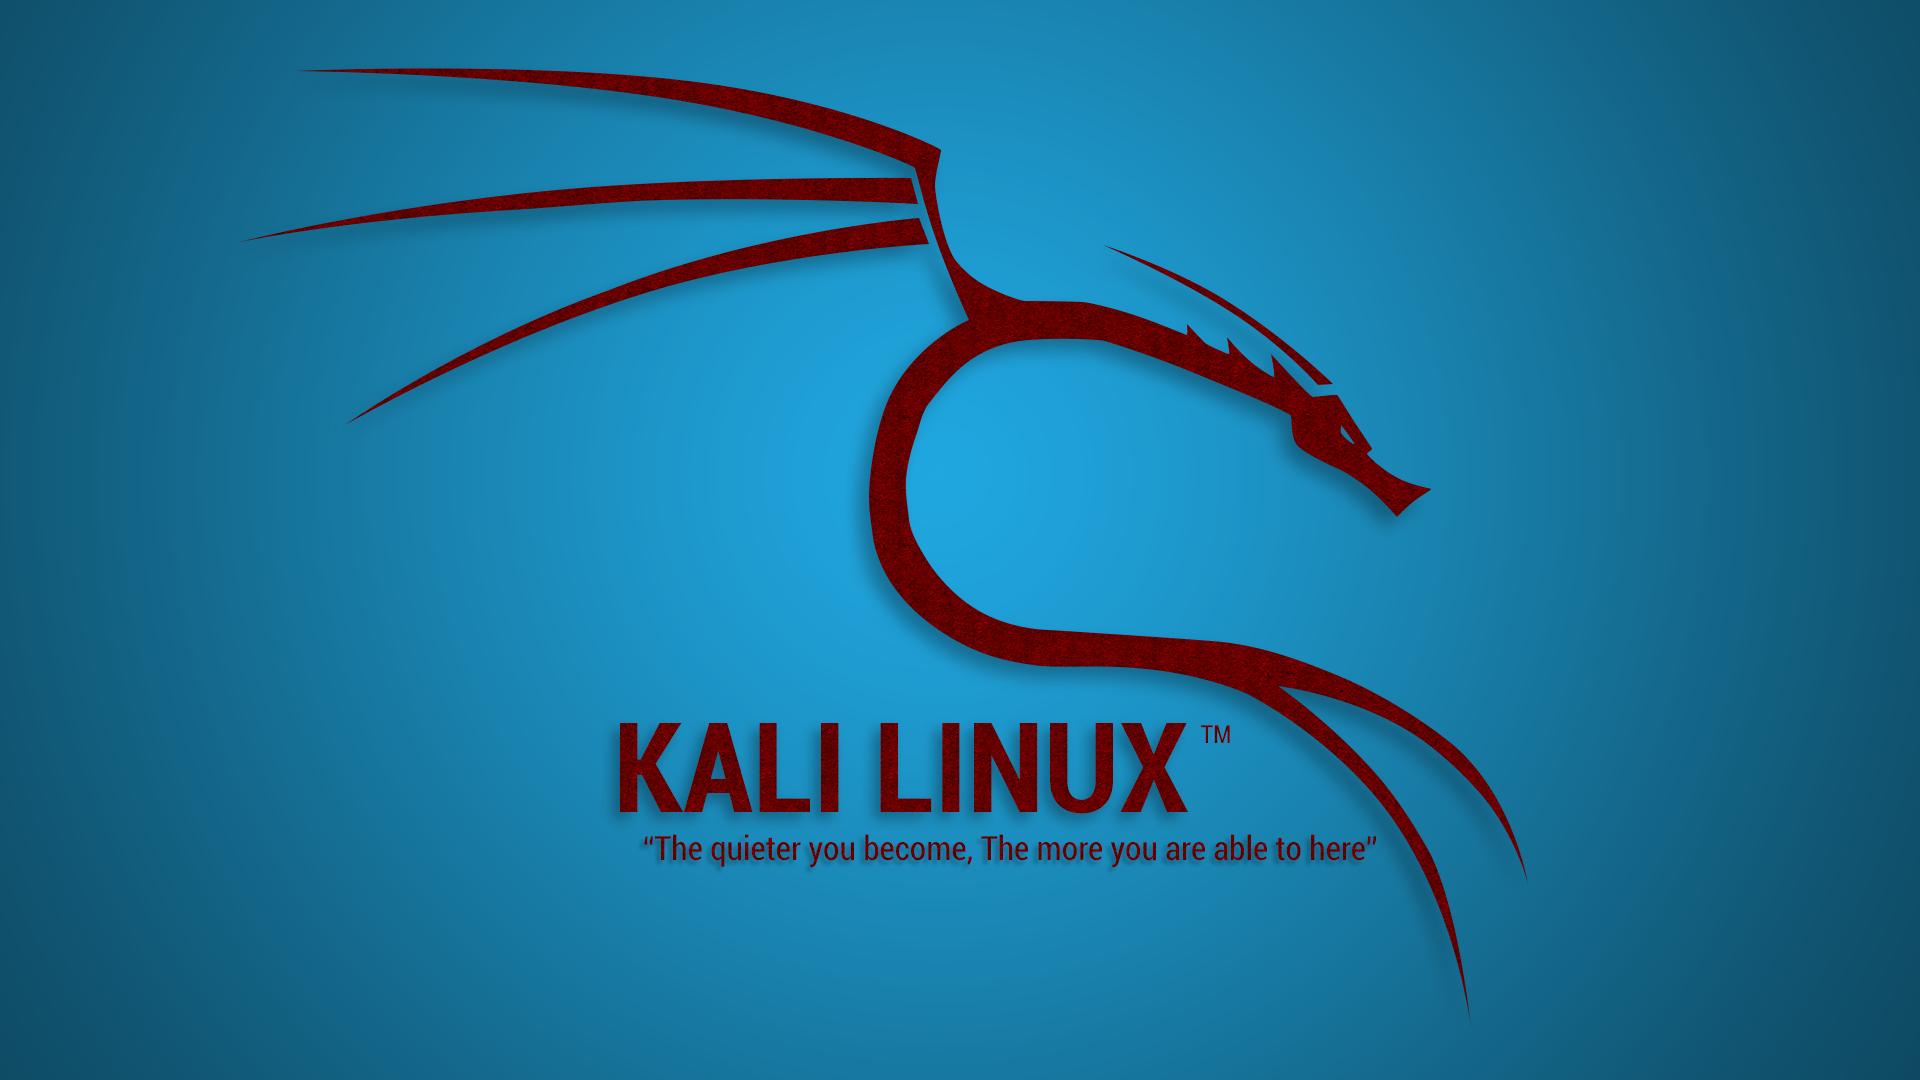 Kali Linux | Linux Wallpaper | Linux, Open source, Coding